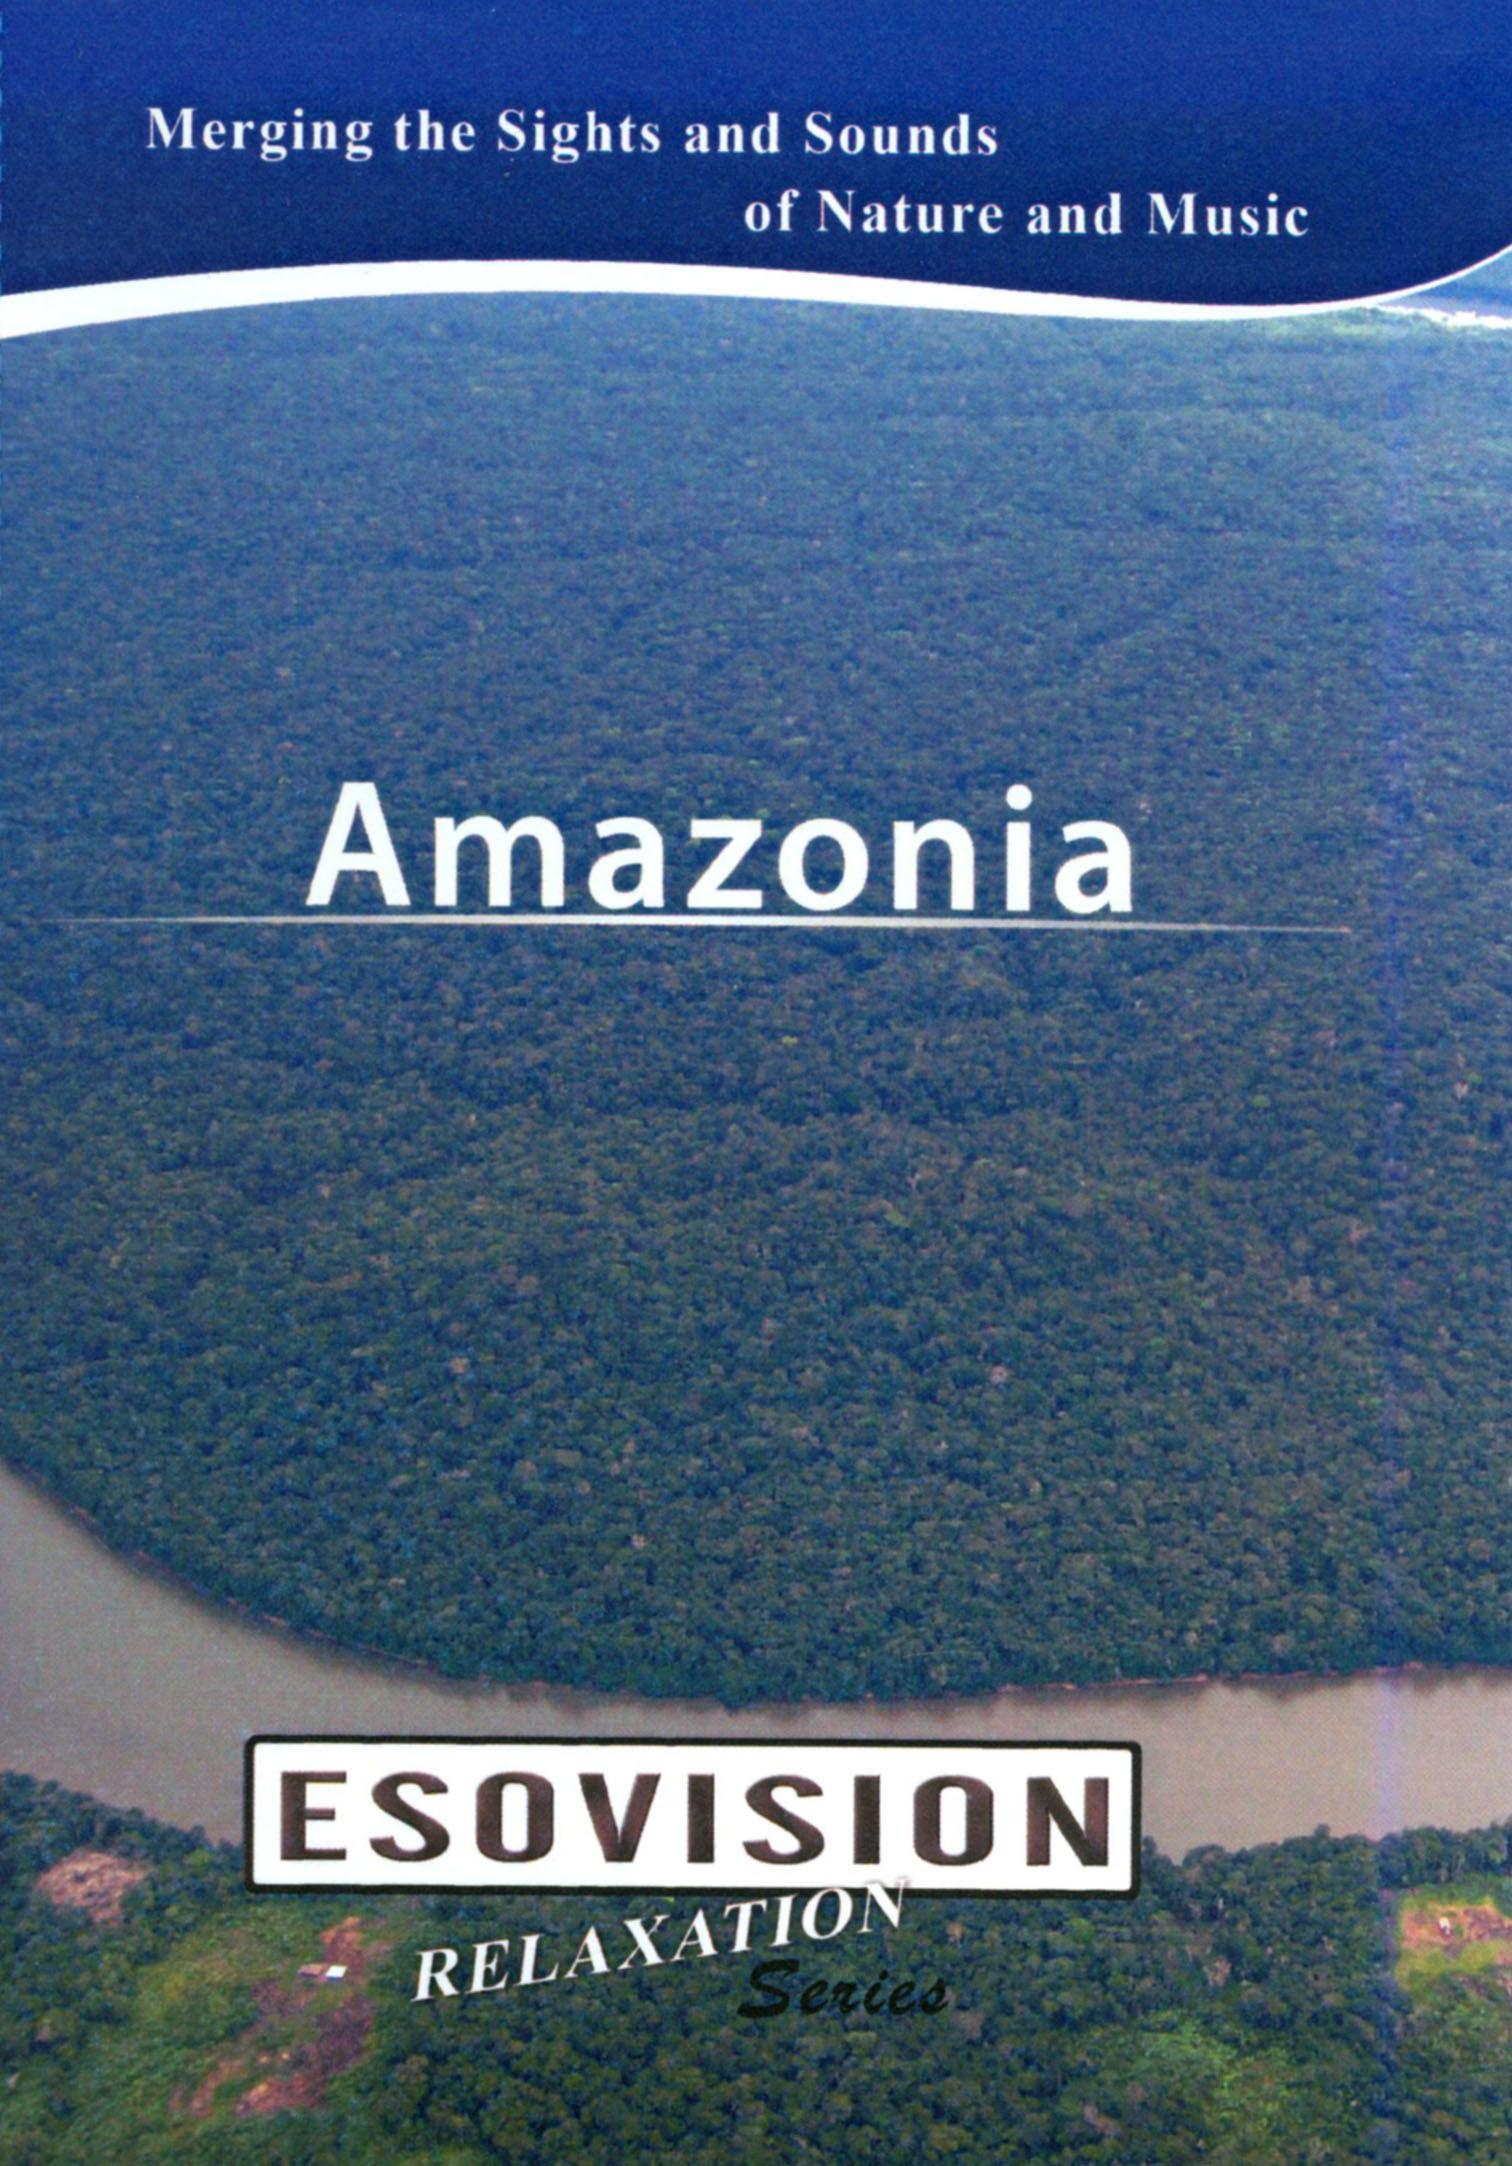 Esovision Relaxation: Amazonia